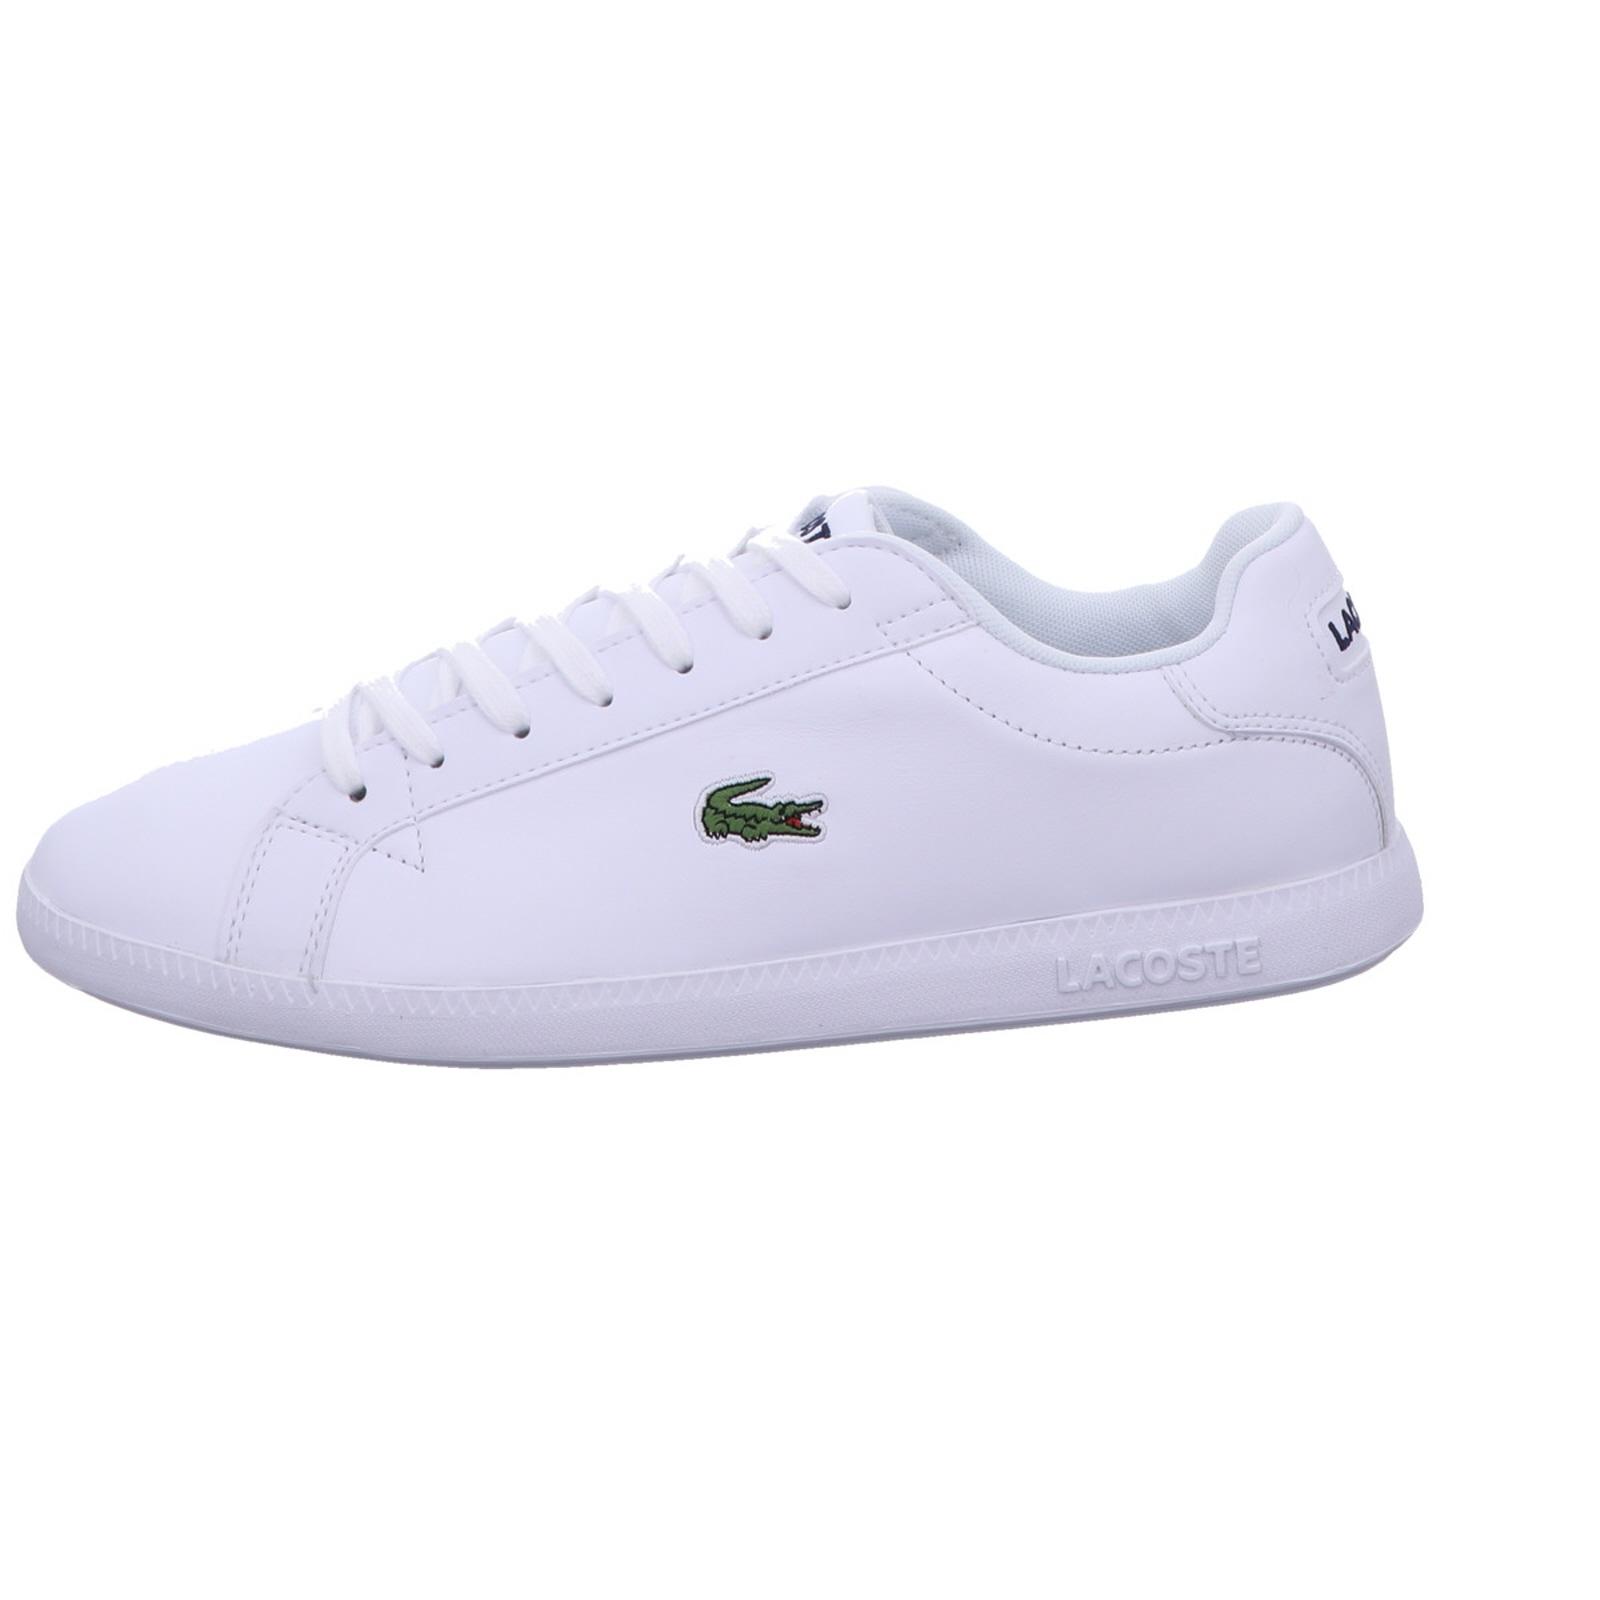 Lacoste Sport Europa NTE Sneakers Halbschuhe Schnürschuhe Herren Schuhe NEU